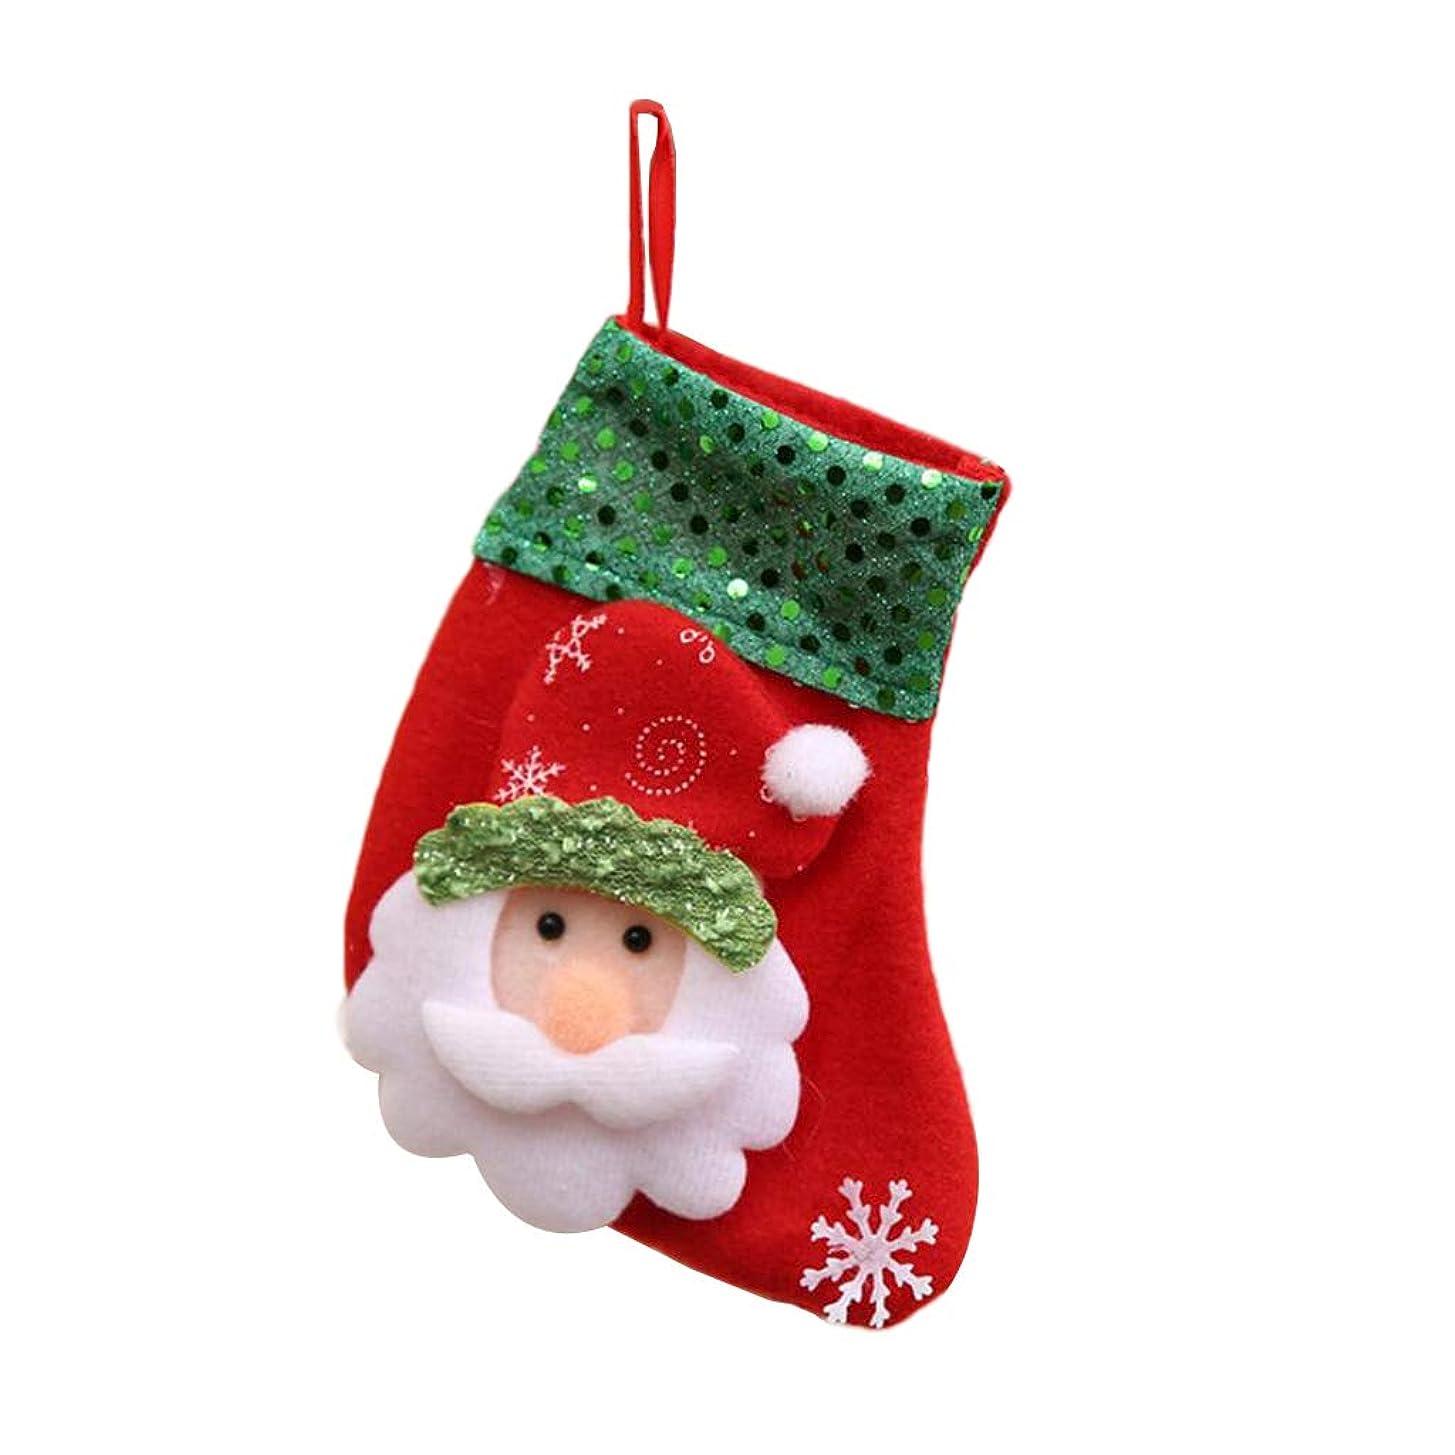 暴露体リーズFutuHome クリスマスソックス プレゼント袋 ギフト袋 クリスマスツリー飾り お菓子袋 全4パターン - サンタクロース